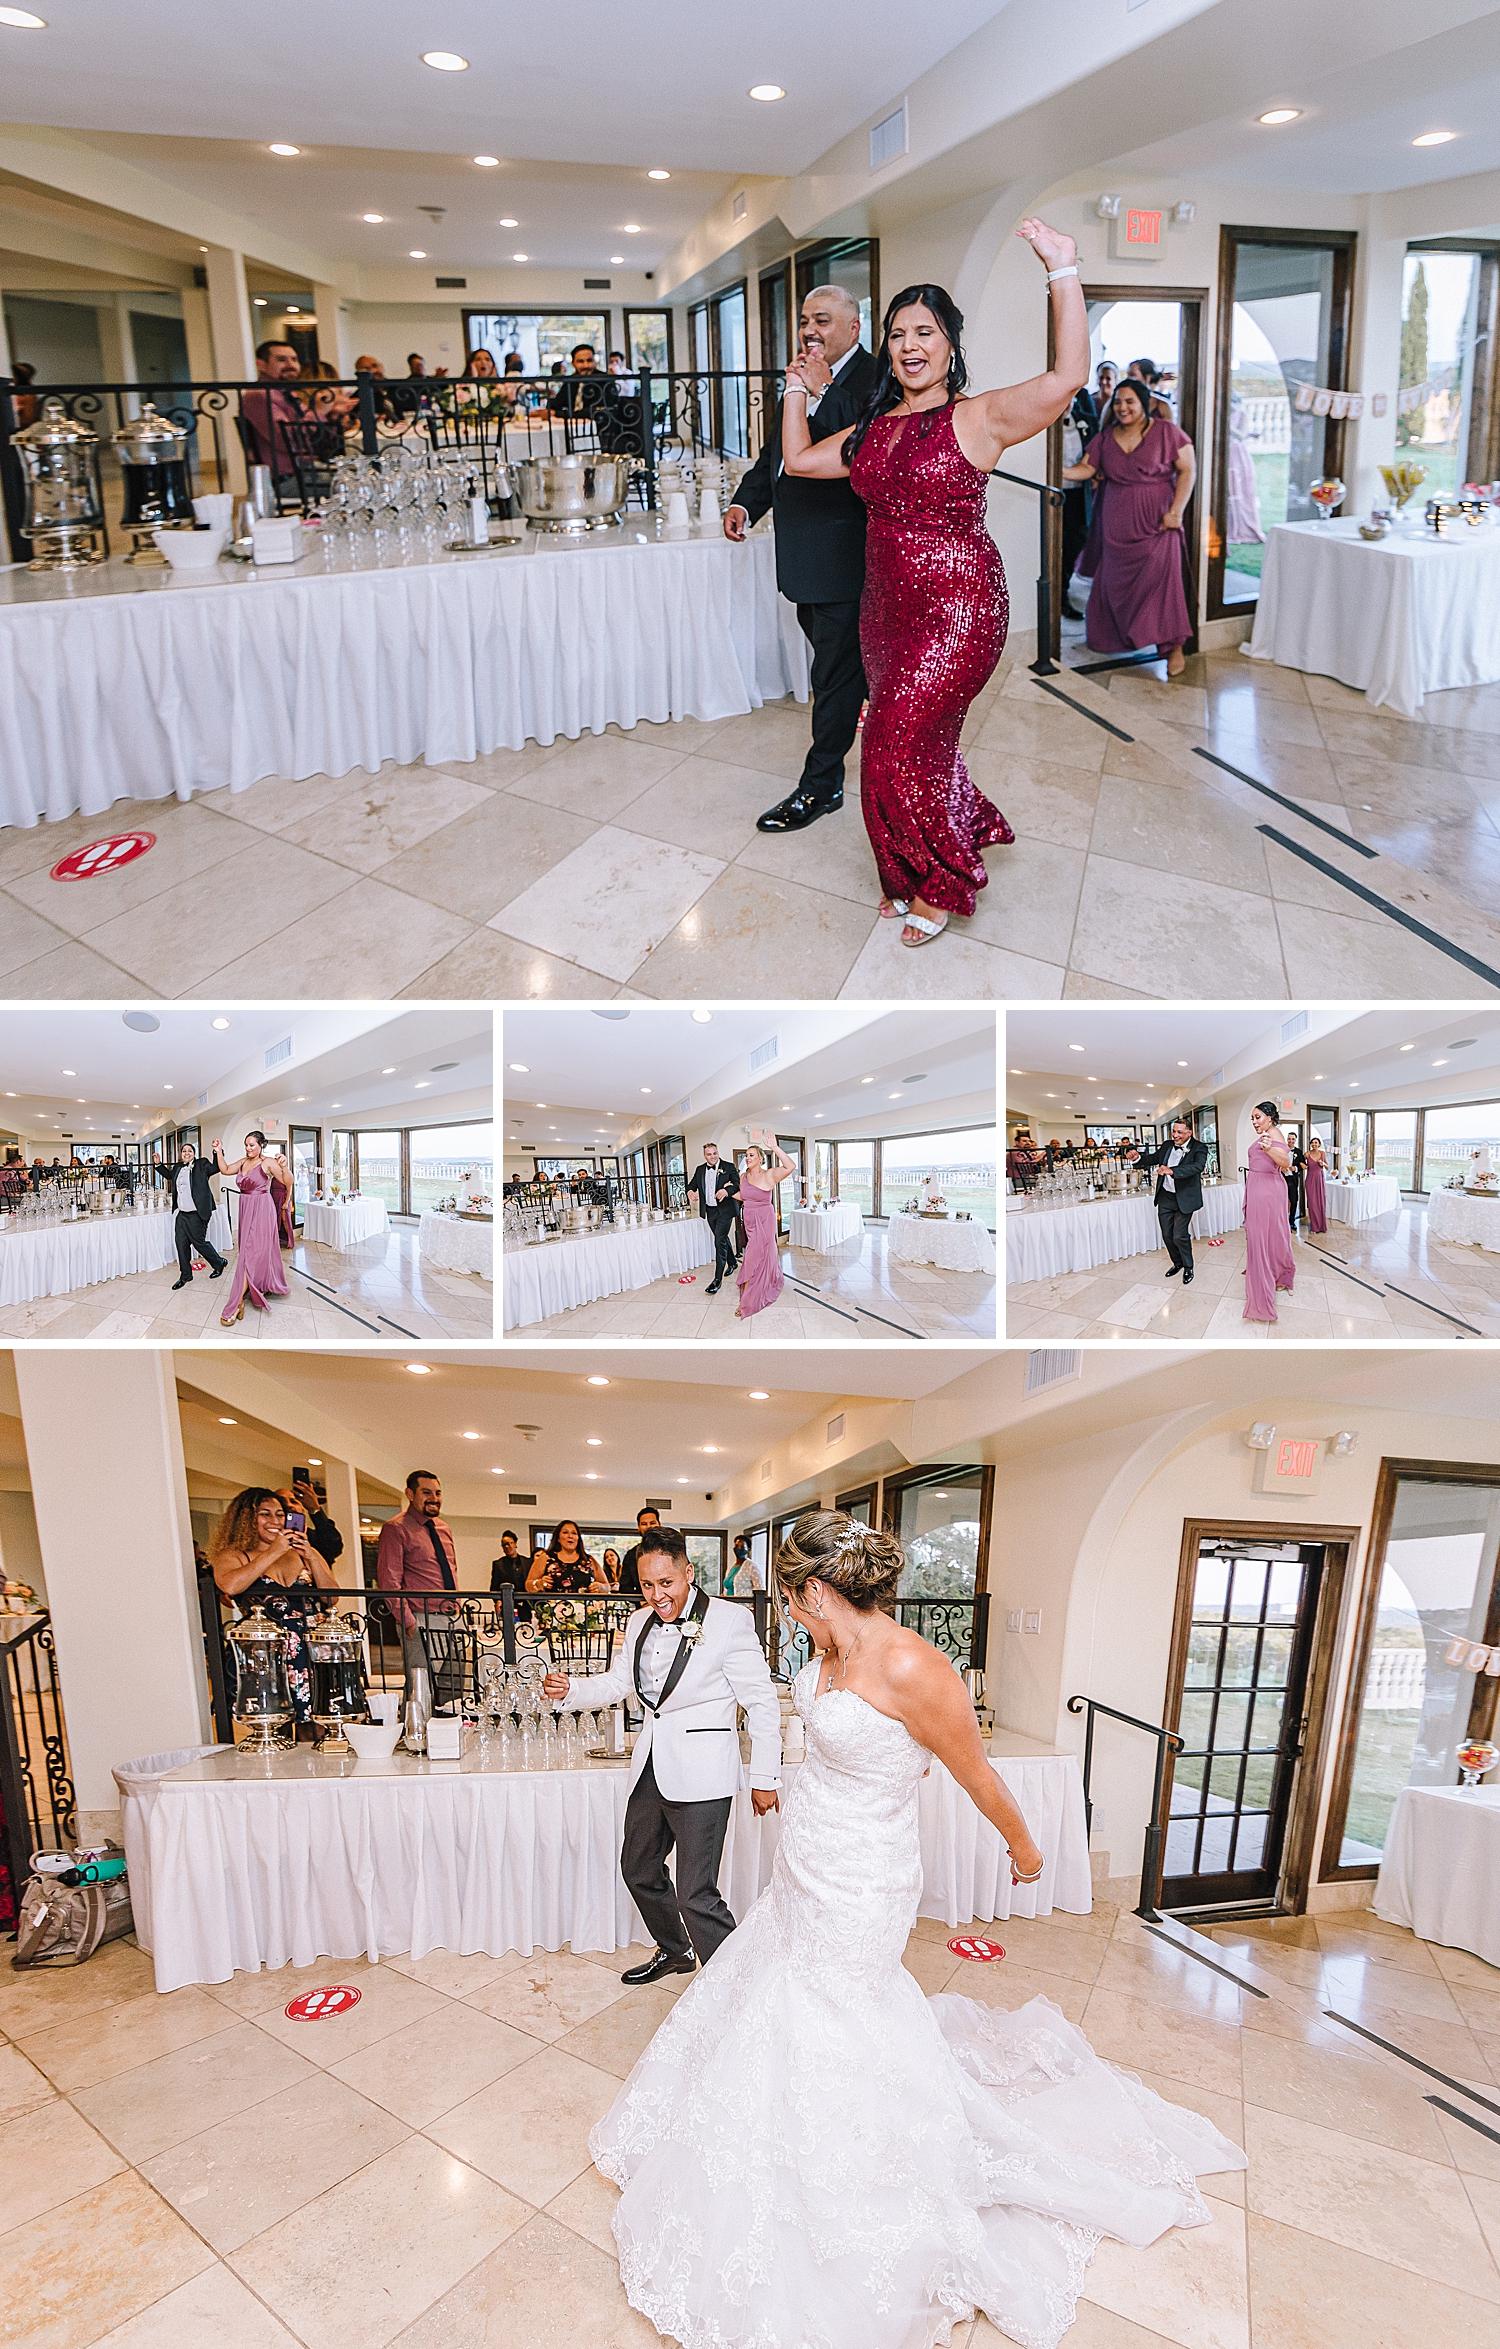 Carly-Barton-Photography-The-Villa-at-Cielo-Vista-Blush-Gold-White-Wedding-Photos_0019.jpg